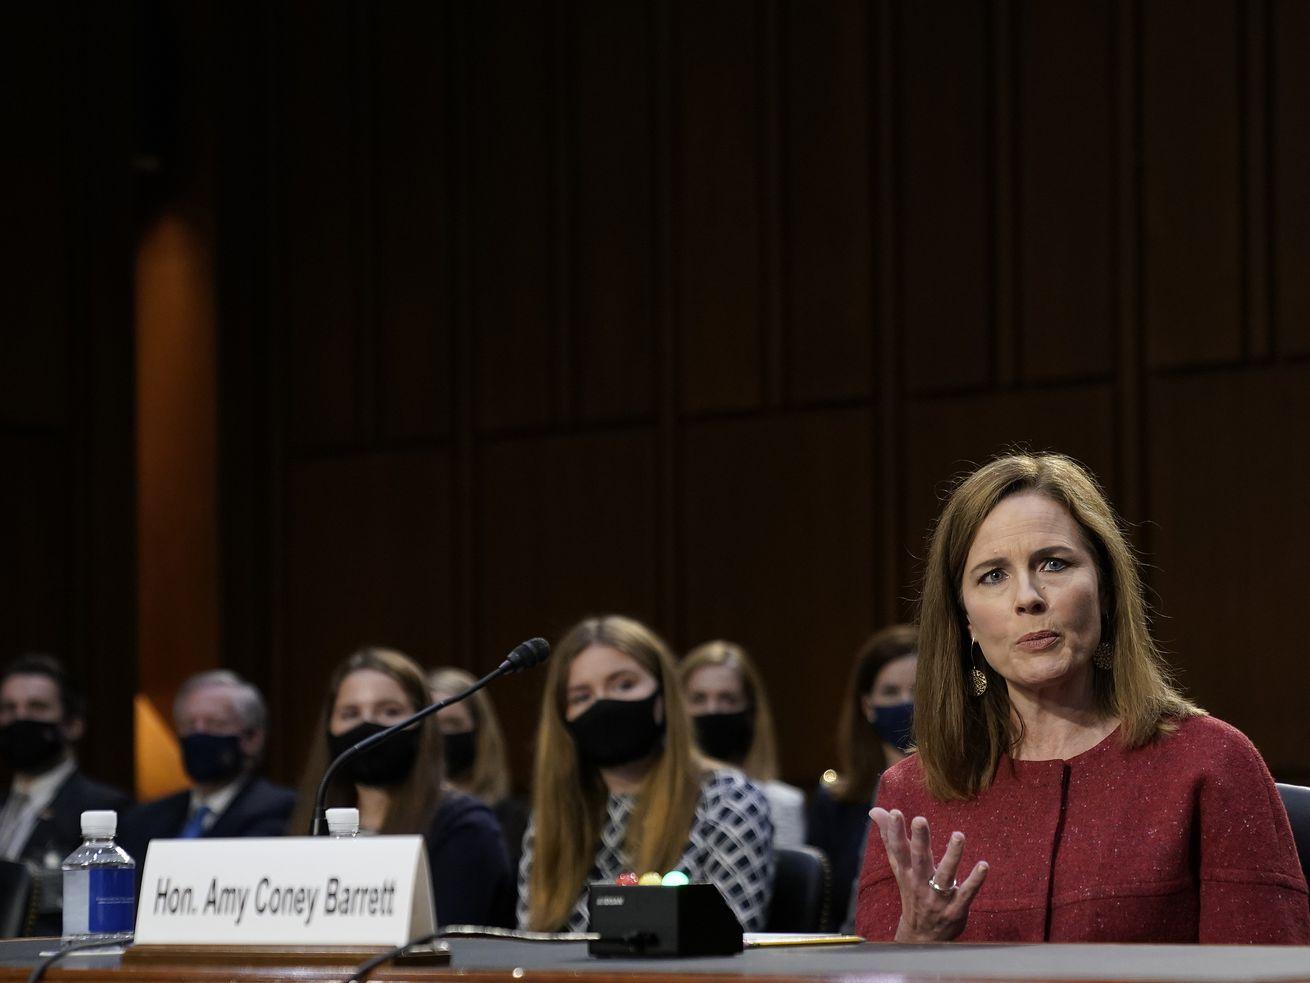 Amy Coney Barrett s'exprime dans une salle d'audience avec certains de ses enfants assis derrière elle.